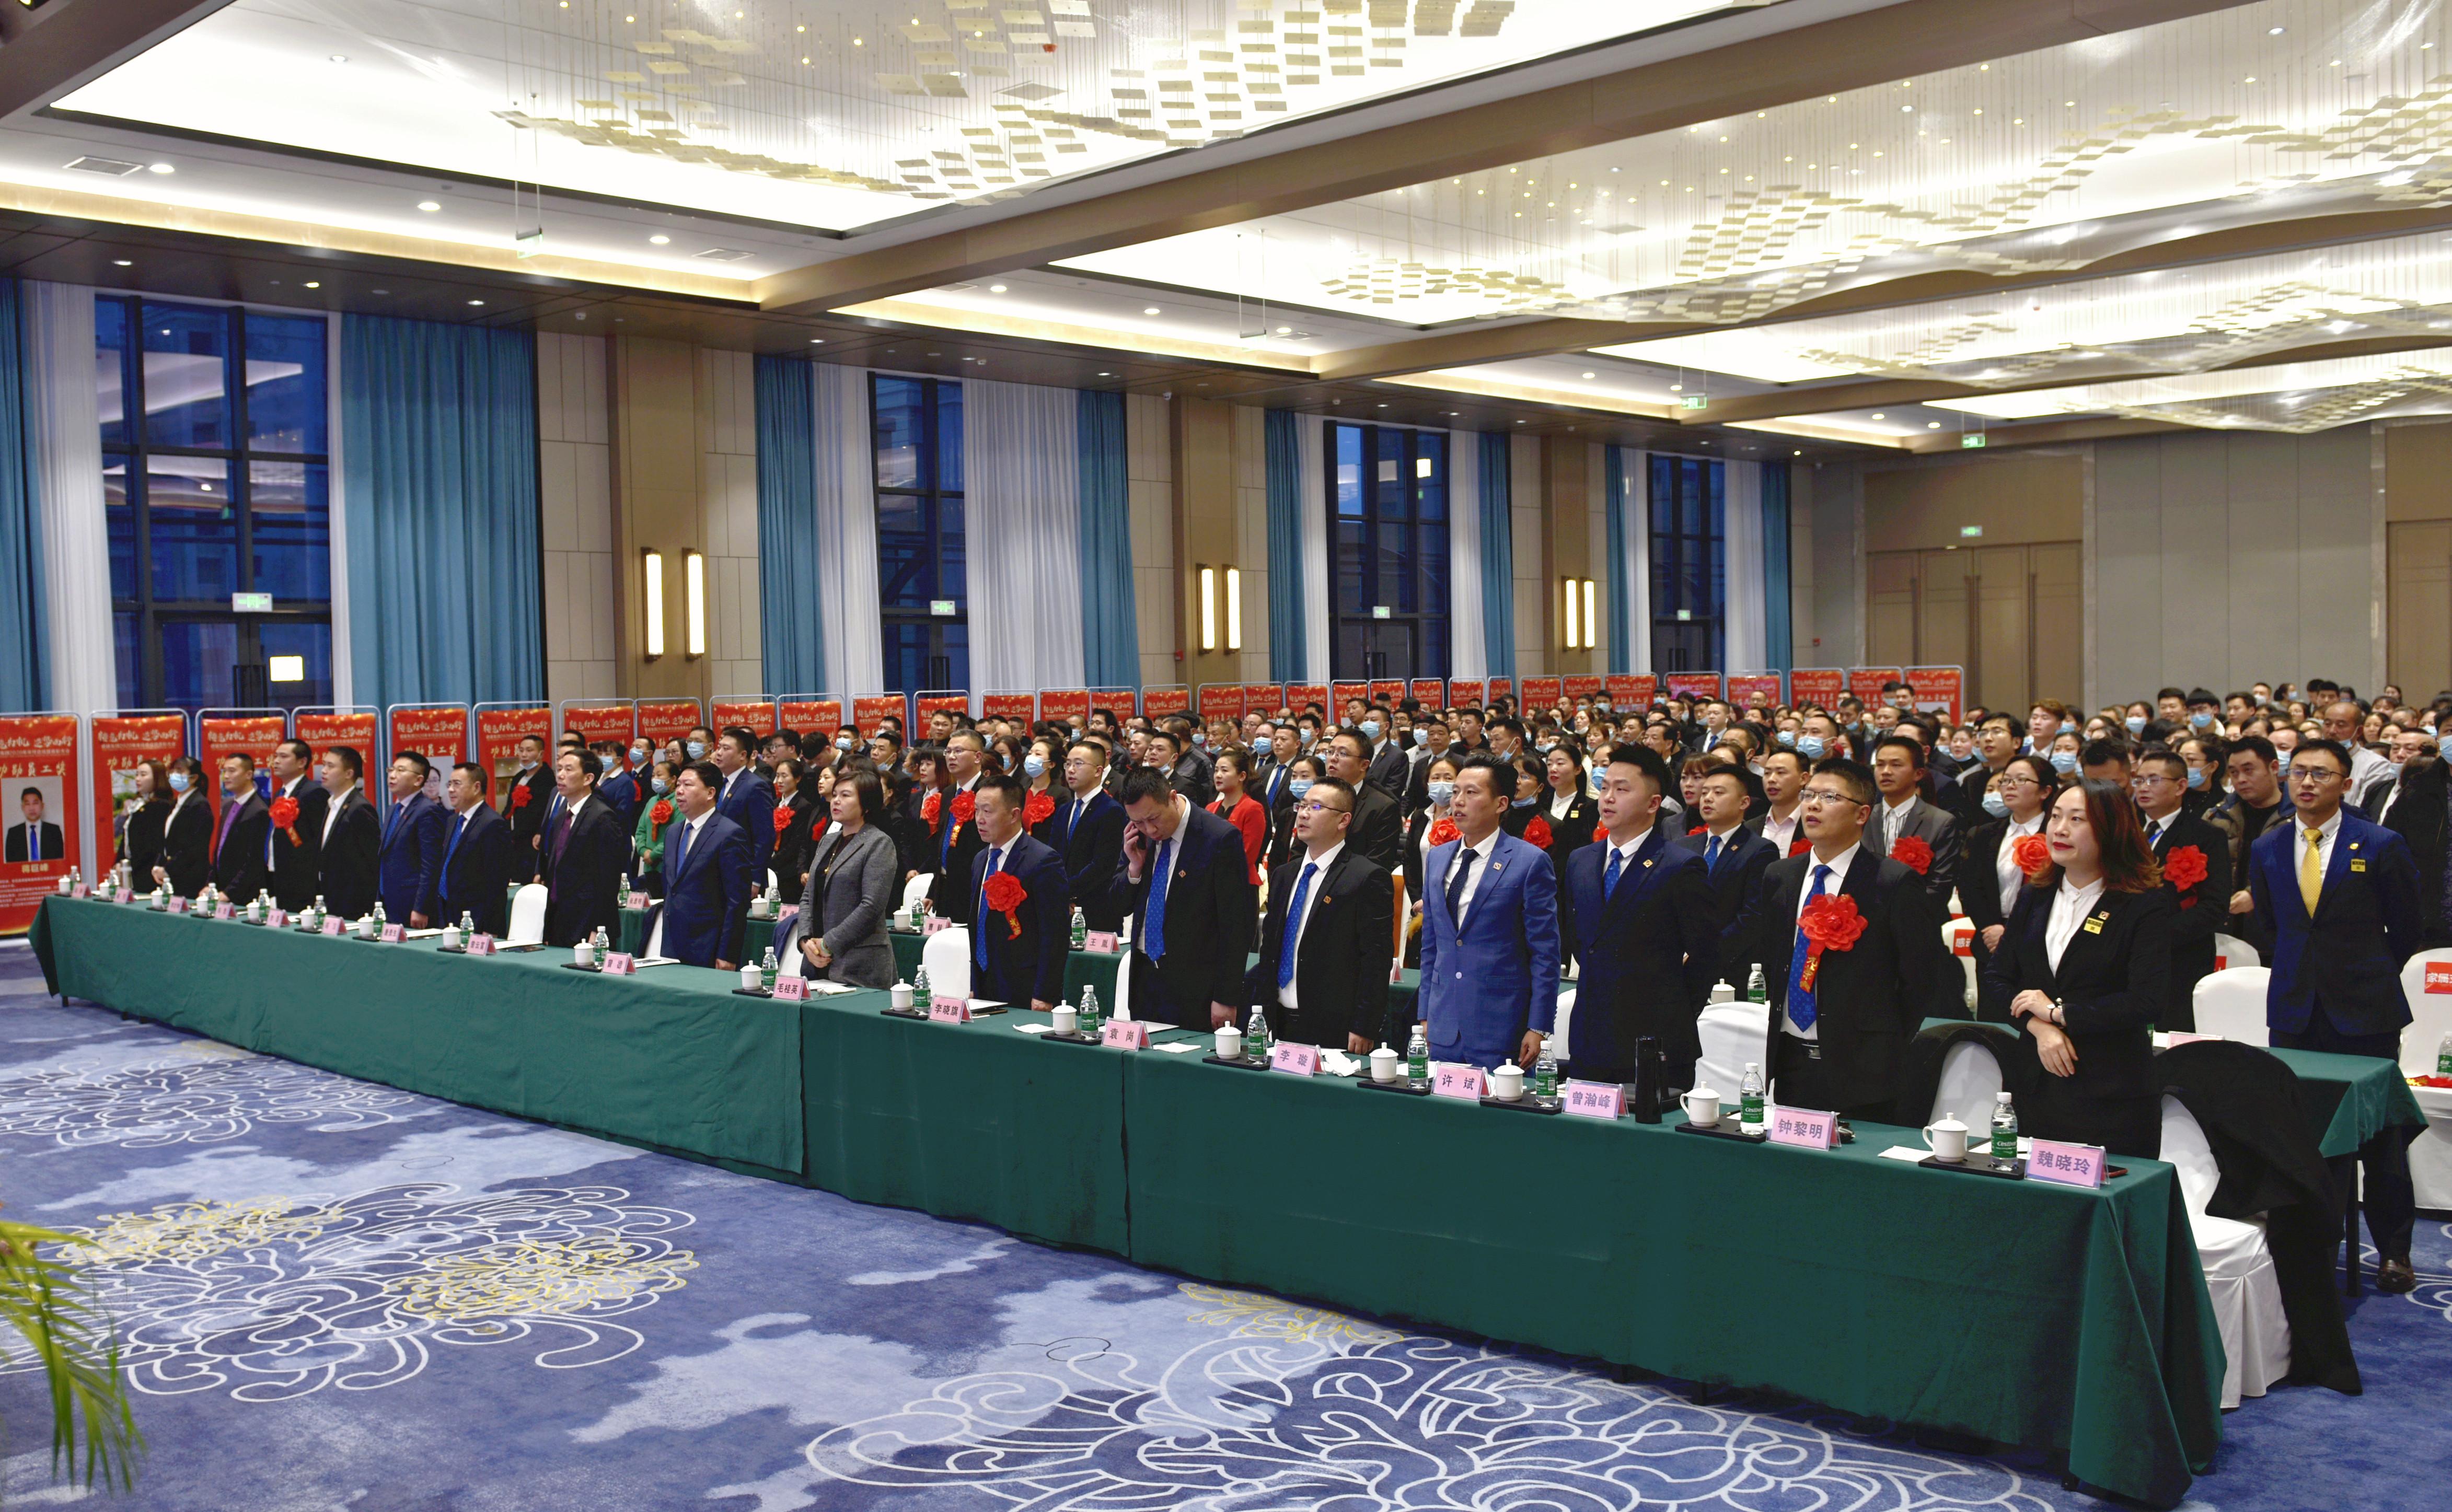 轉危為機 逆勢而行  ------四川簡陽德盛集團隆重舉行2020年度總結暨表彰大會